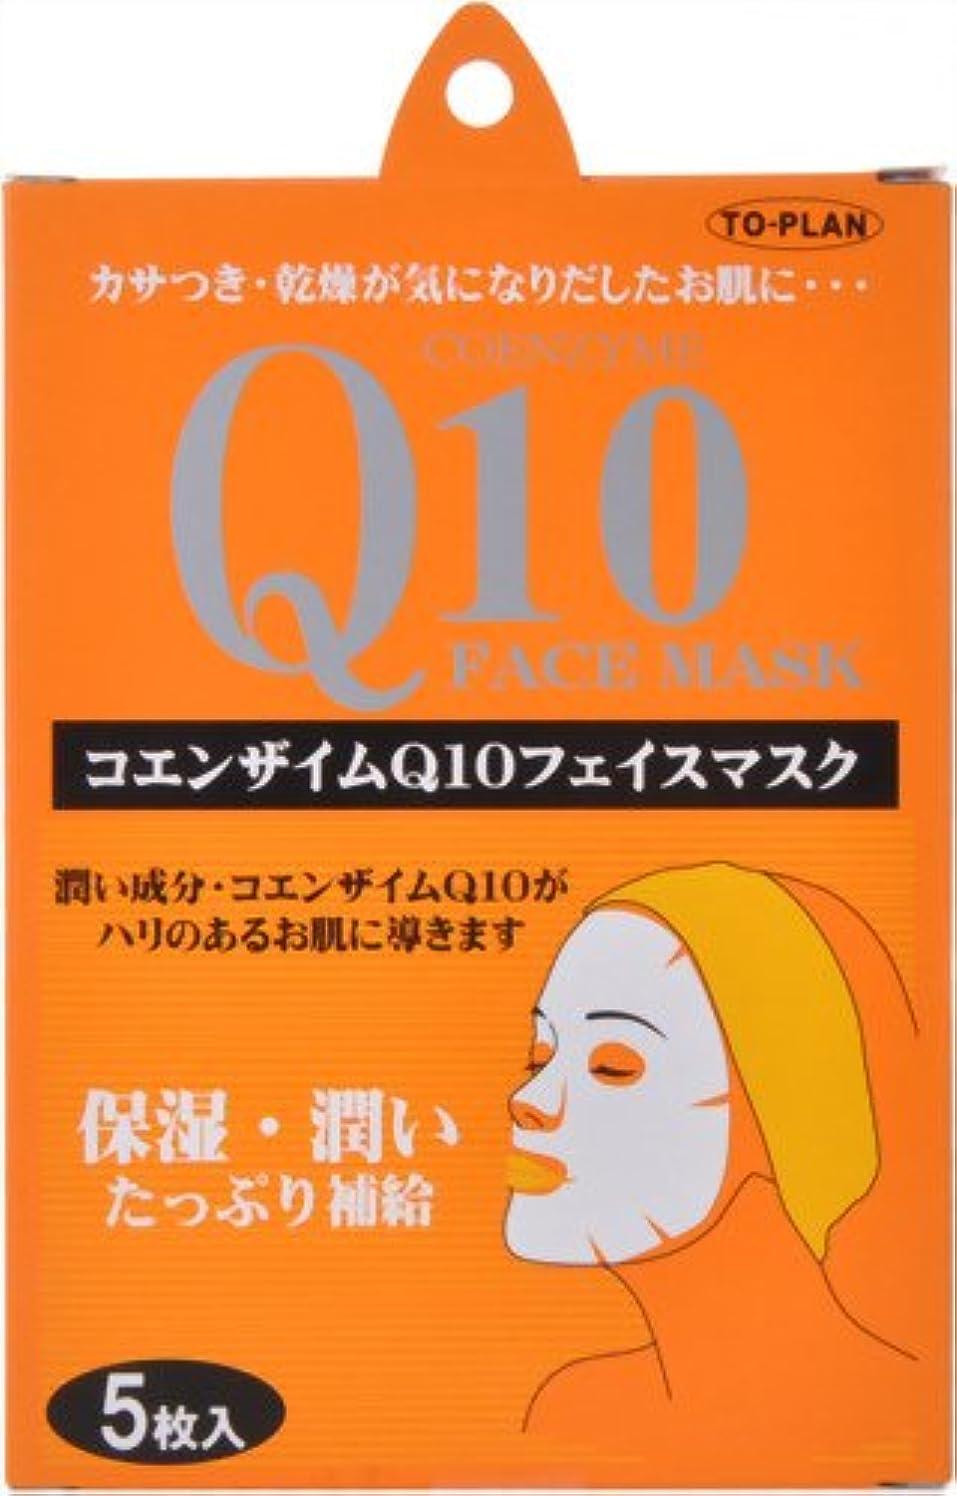 正当化する神経障害投資TO-PLAN(トプラン) Q10フェイスマスク 5枚入り